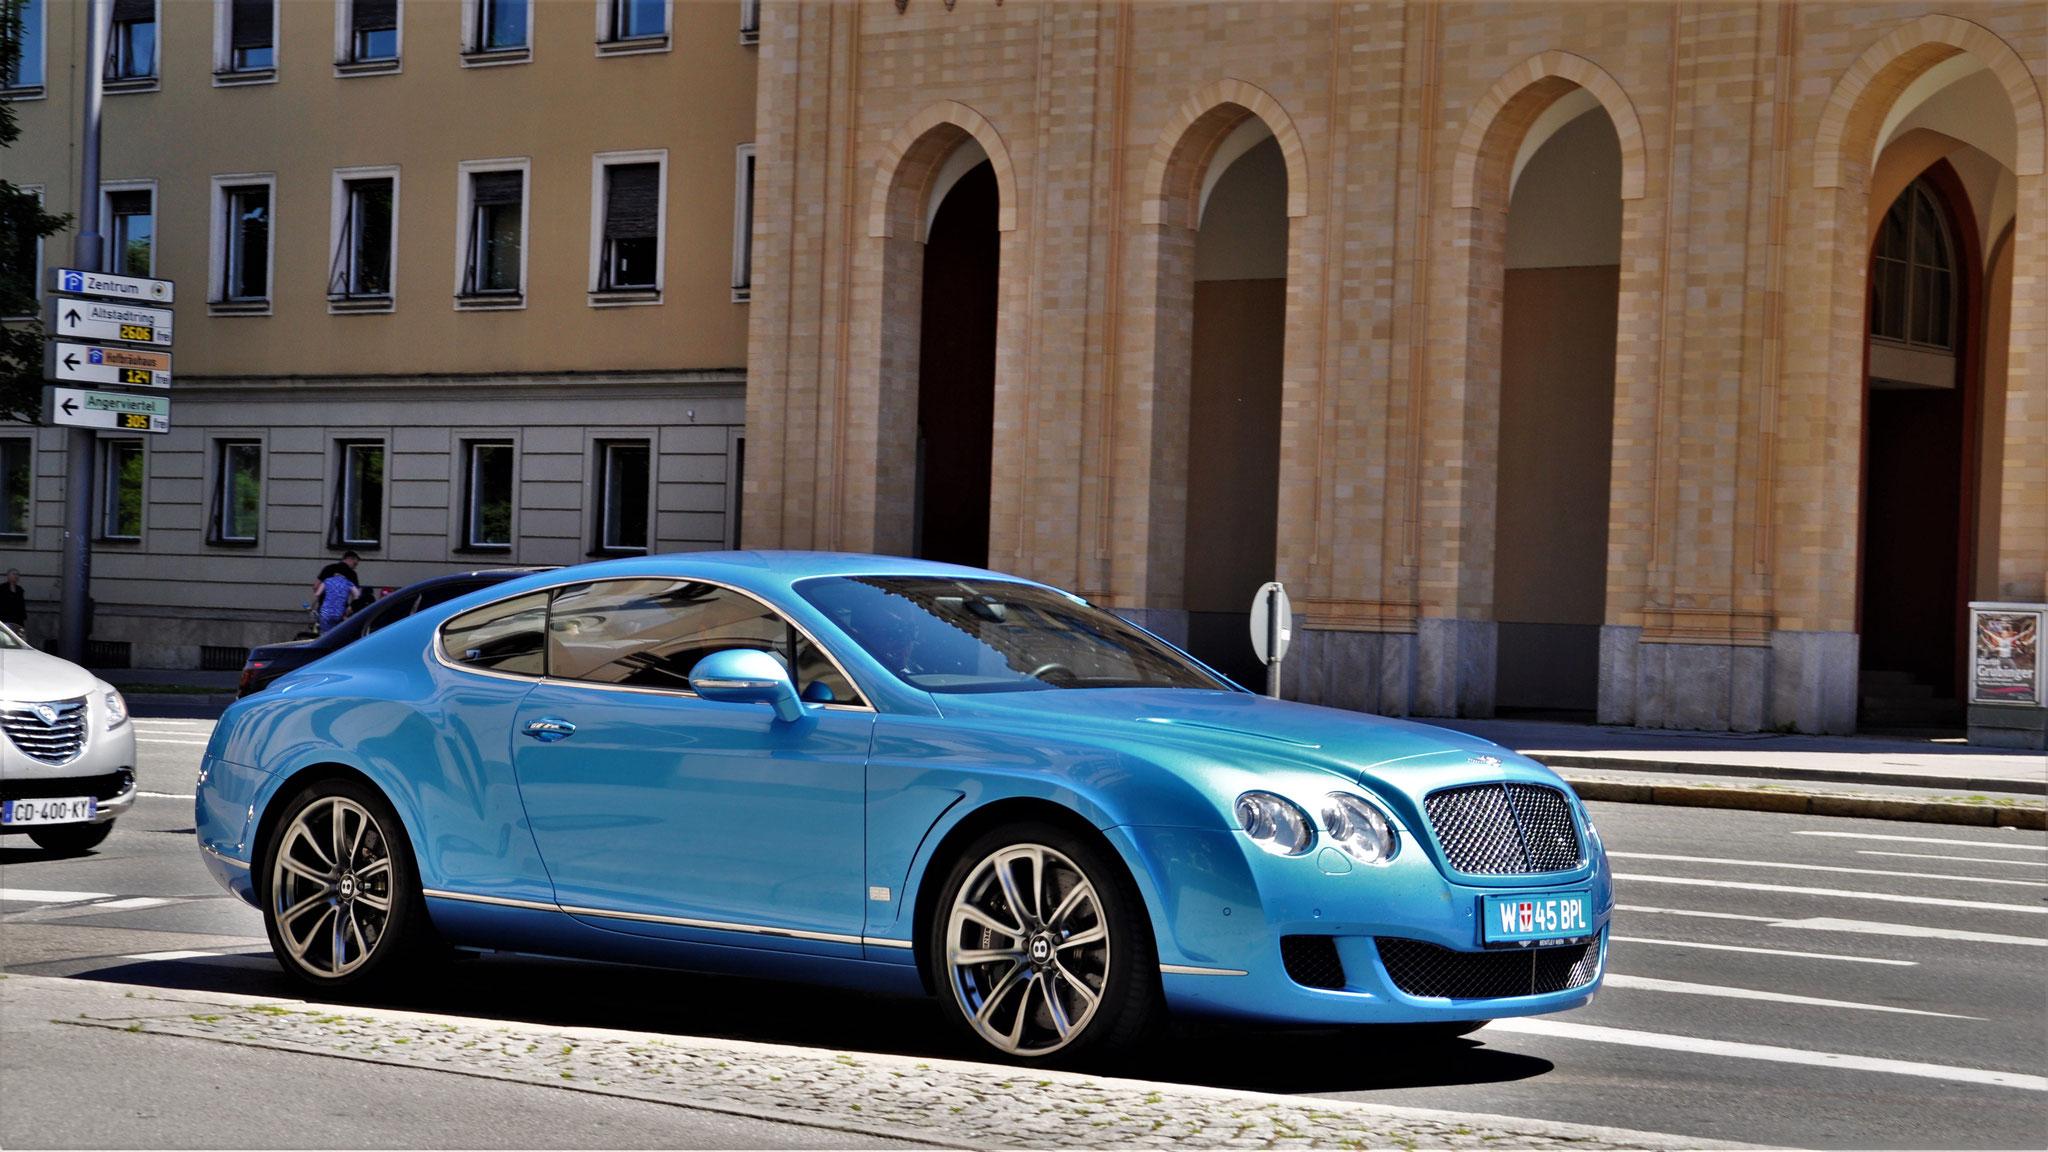 Bentley Continental GT - W-45-BPL (AUT)